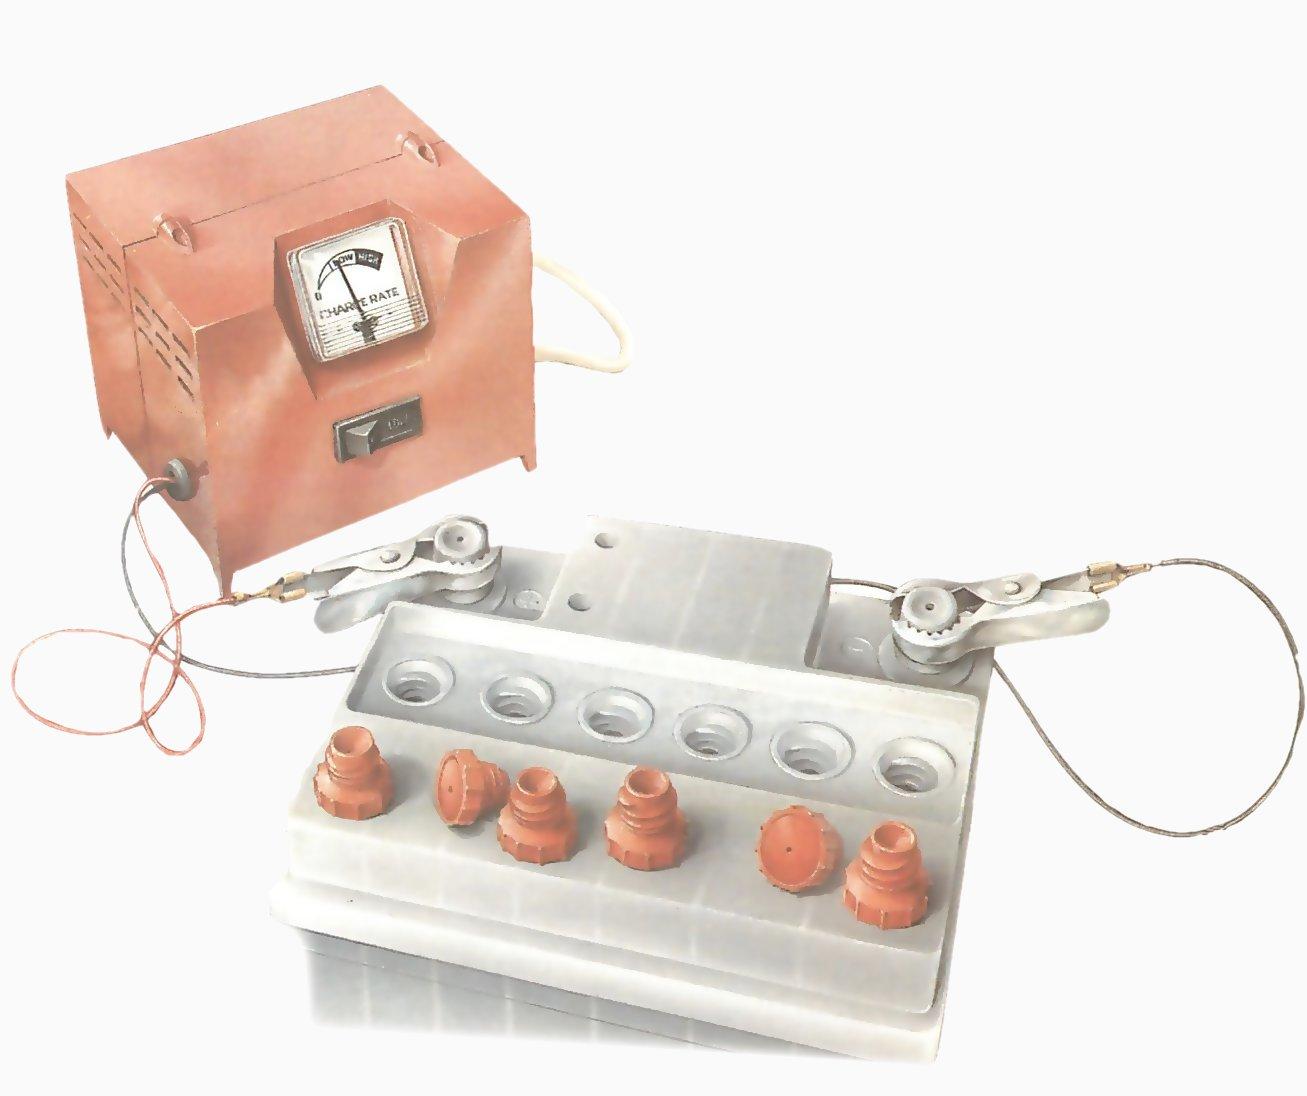 le fonctionnement d 39 une chargeur de batterie une voiture. Black Bedroom Furniture Sets. Home Design Ideas